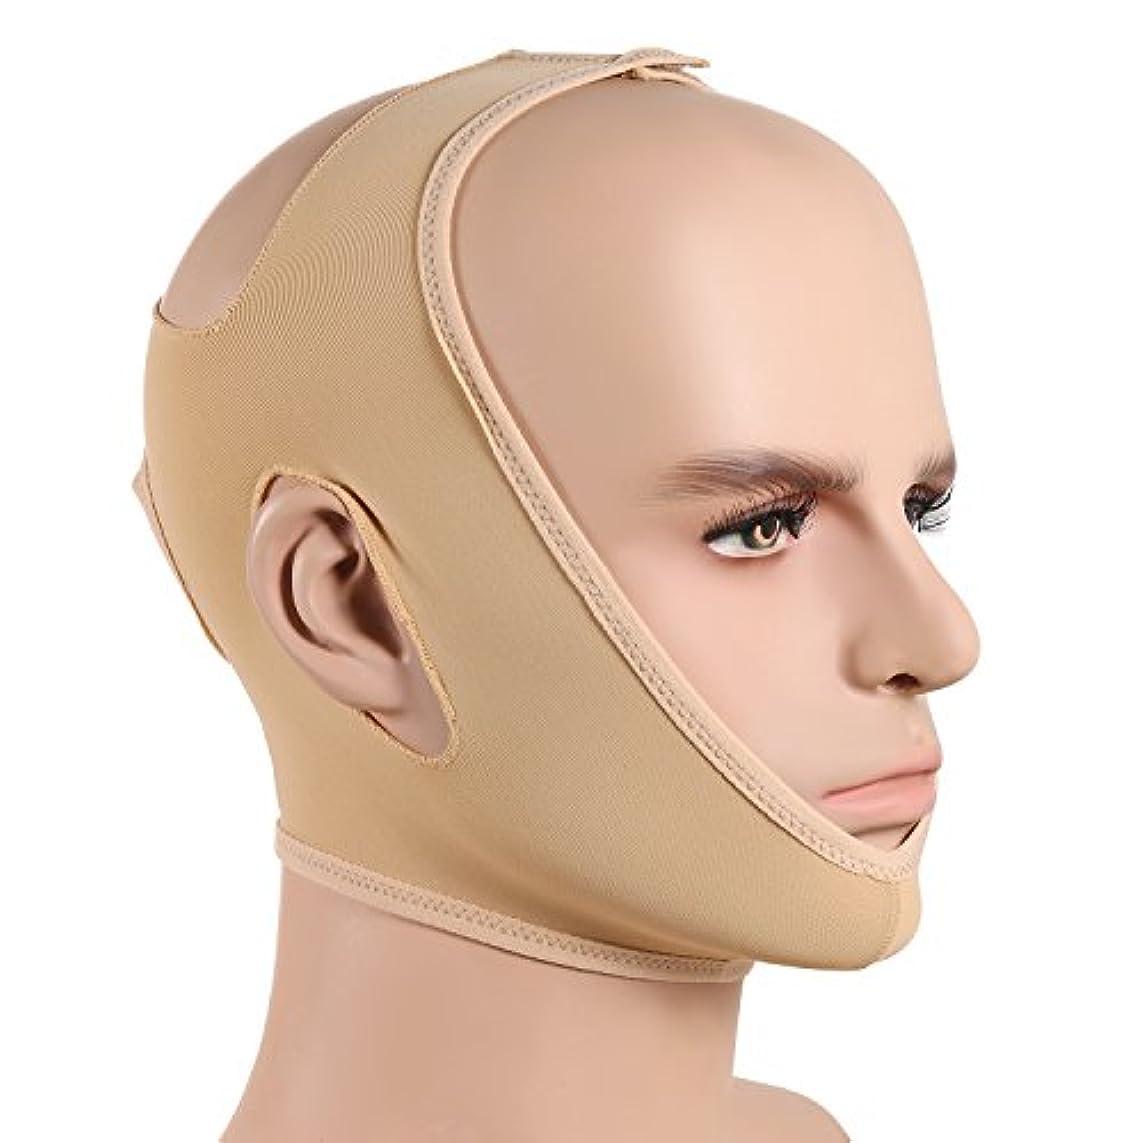 服砂の手段JewelryWe 小顔ベルト 美顔マスク 眠りながら 小顔 矯正 額、顎下、頬リフトアップ 小顔マスク 男女兼用 Mサイズ